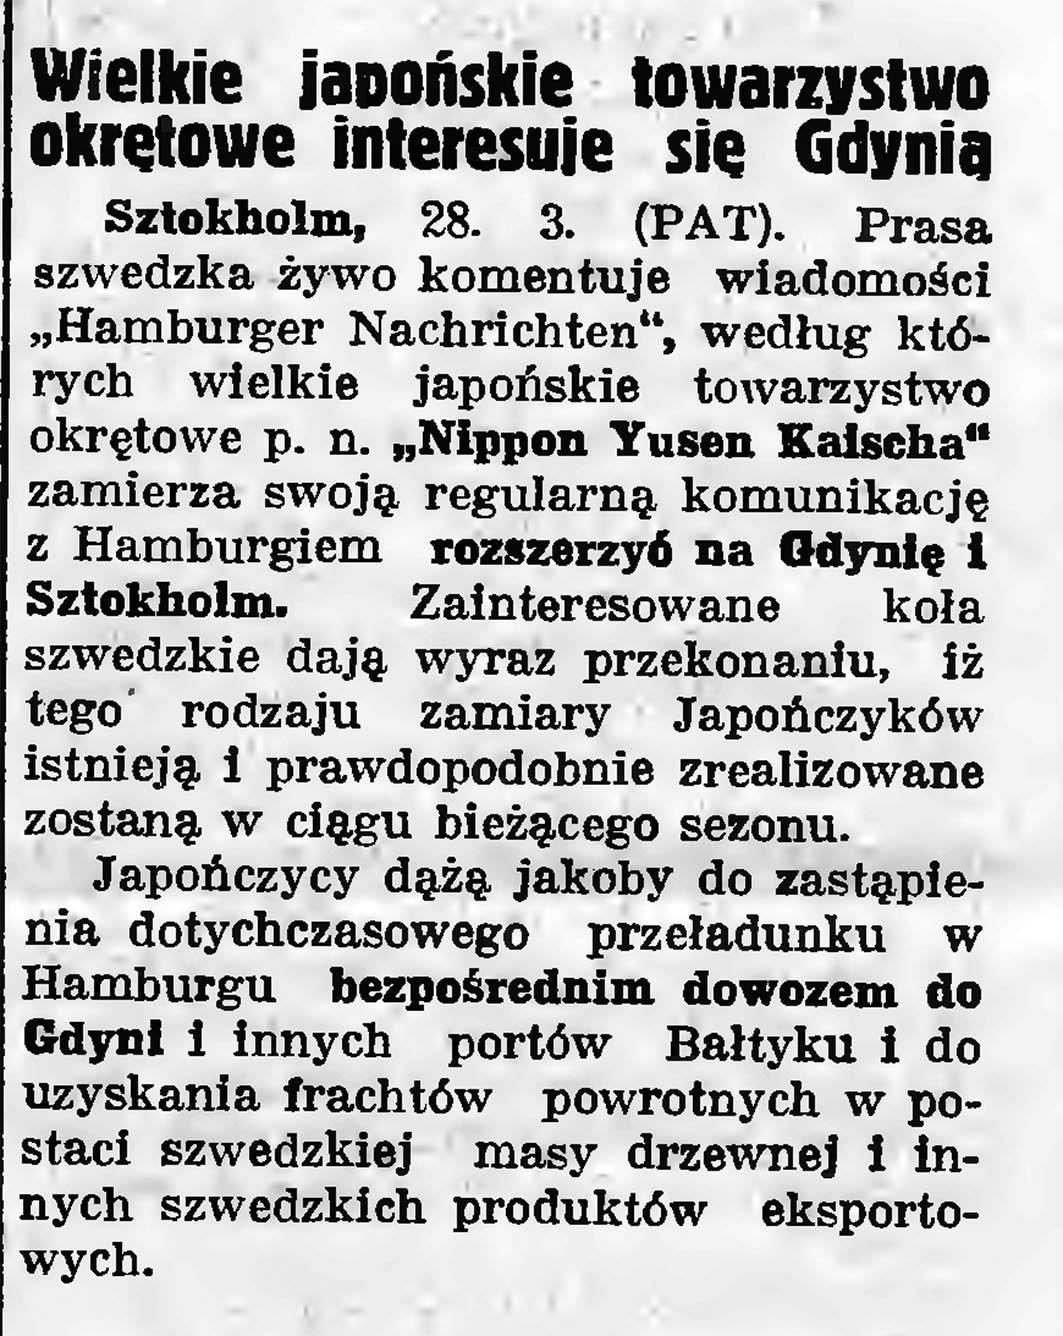 Wielkie japońskie towarzystwo okrętowe interesuje się Gdynią // Gazeta Gdańska. - 1935, nr 72, s. 2